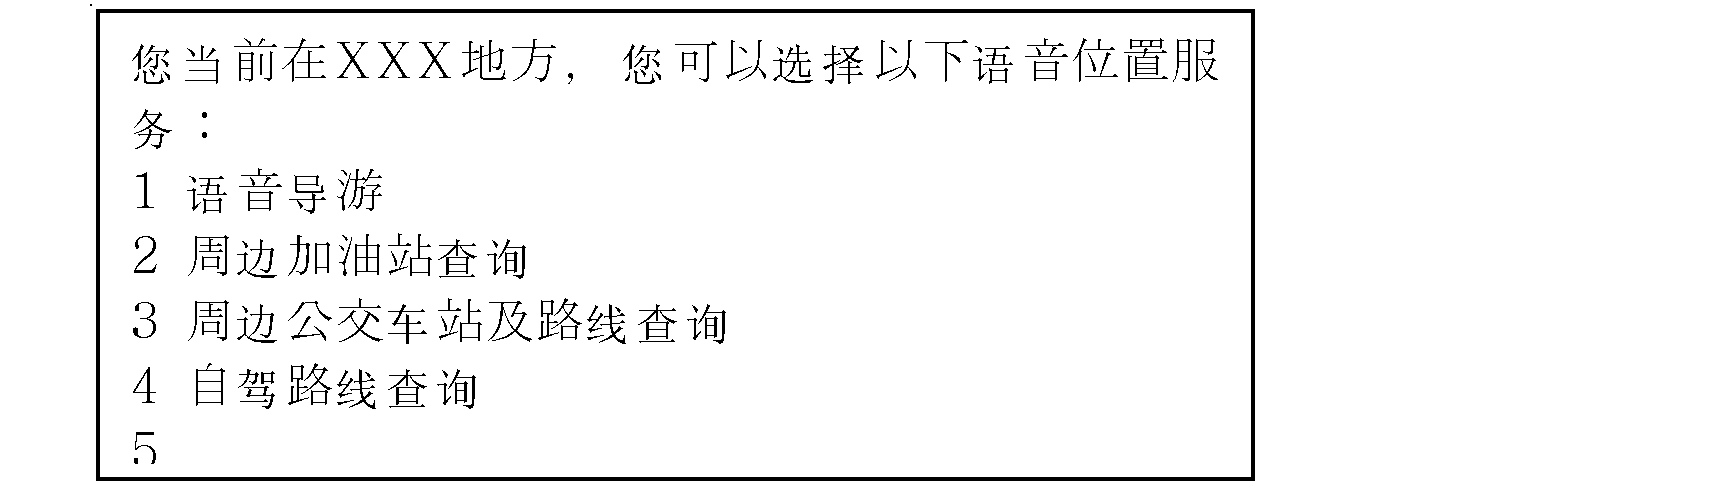 Figure CN101394617BD00151